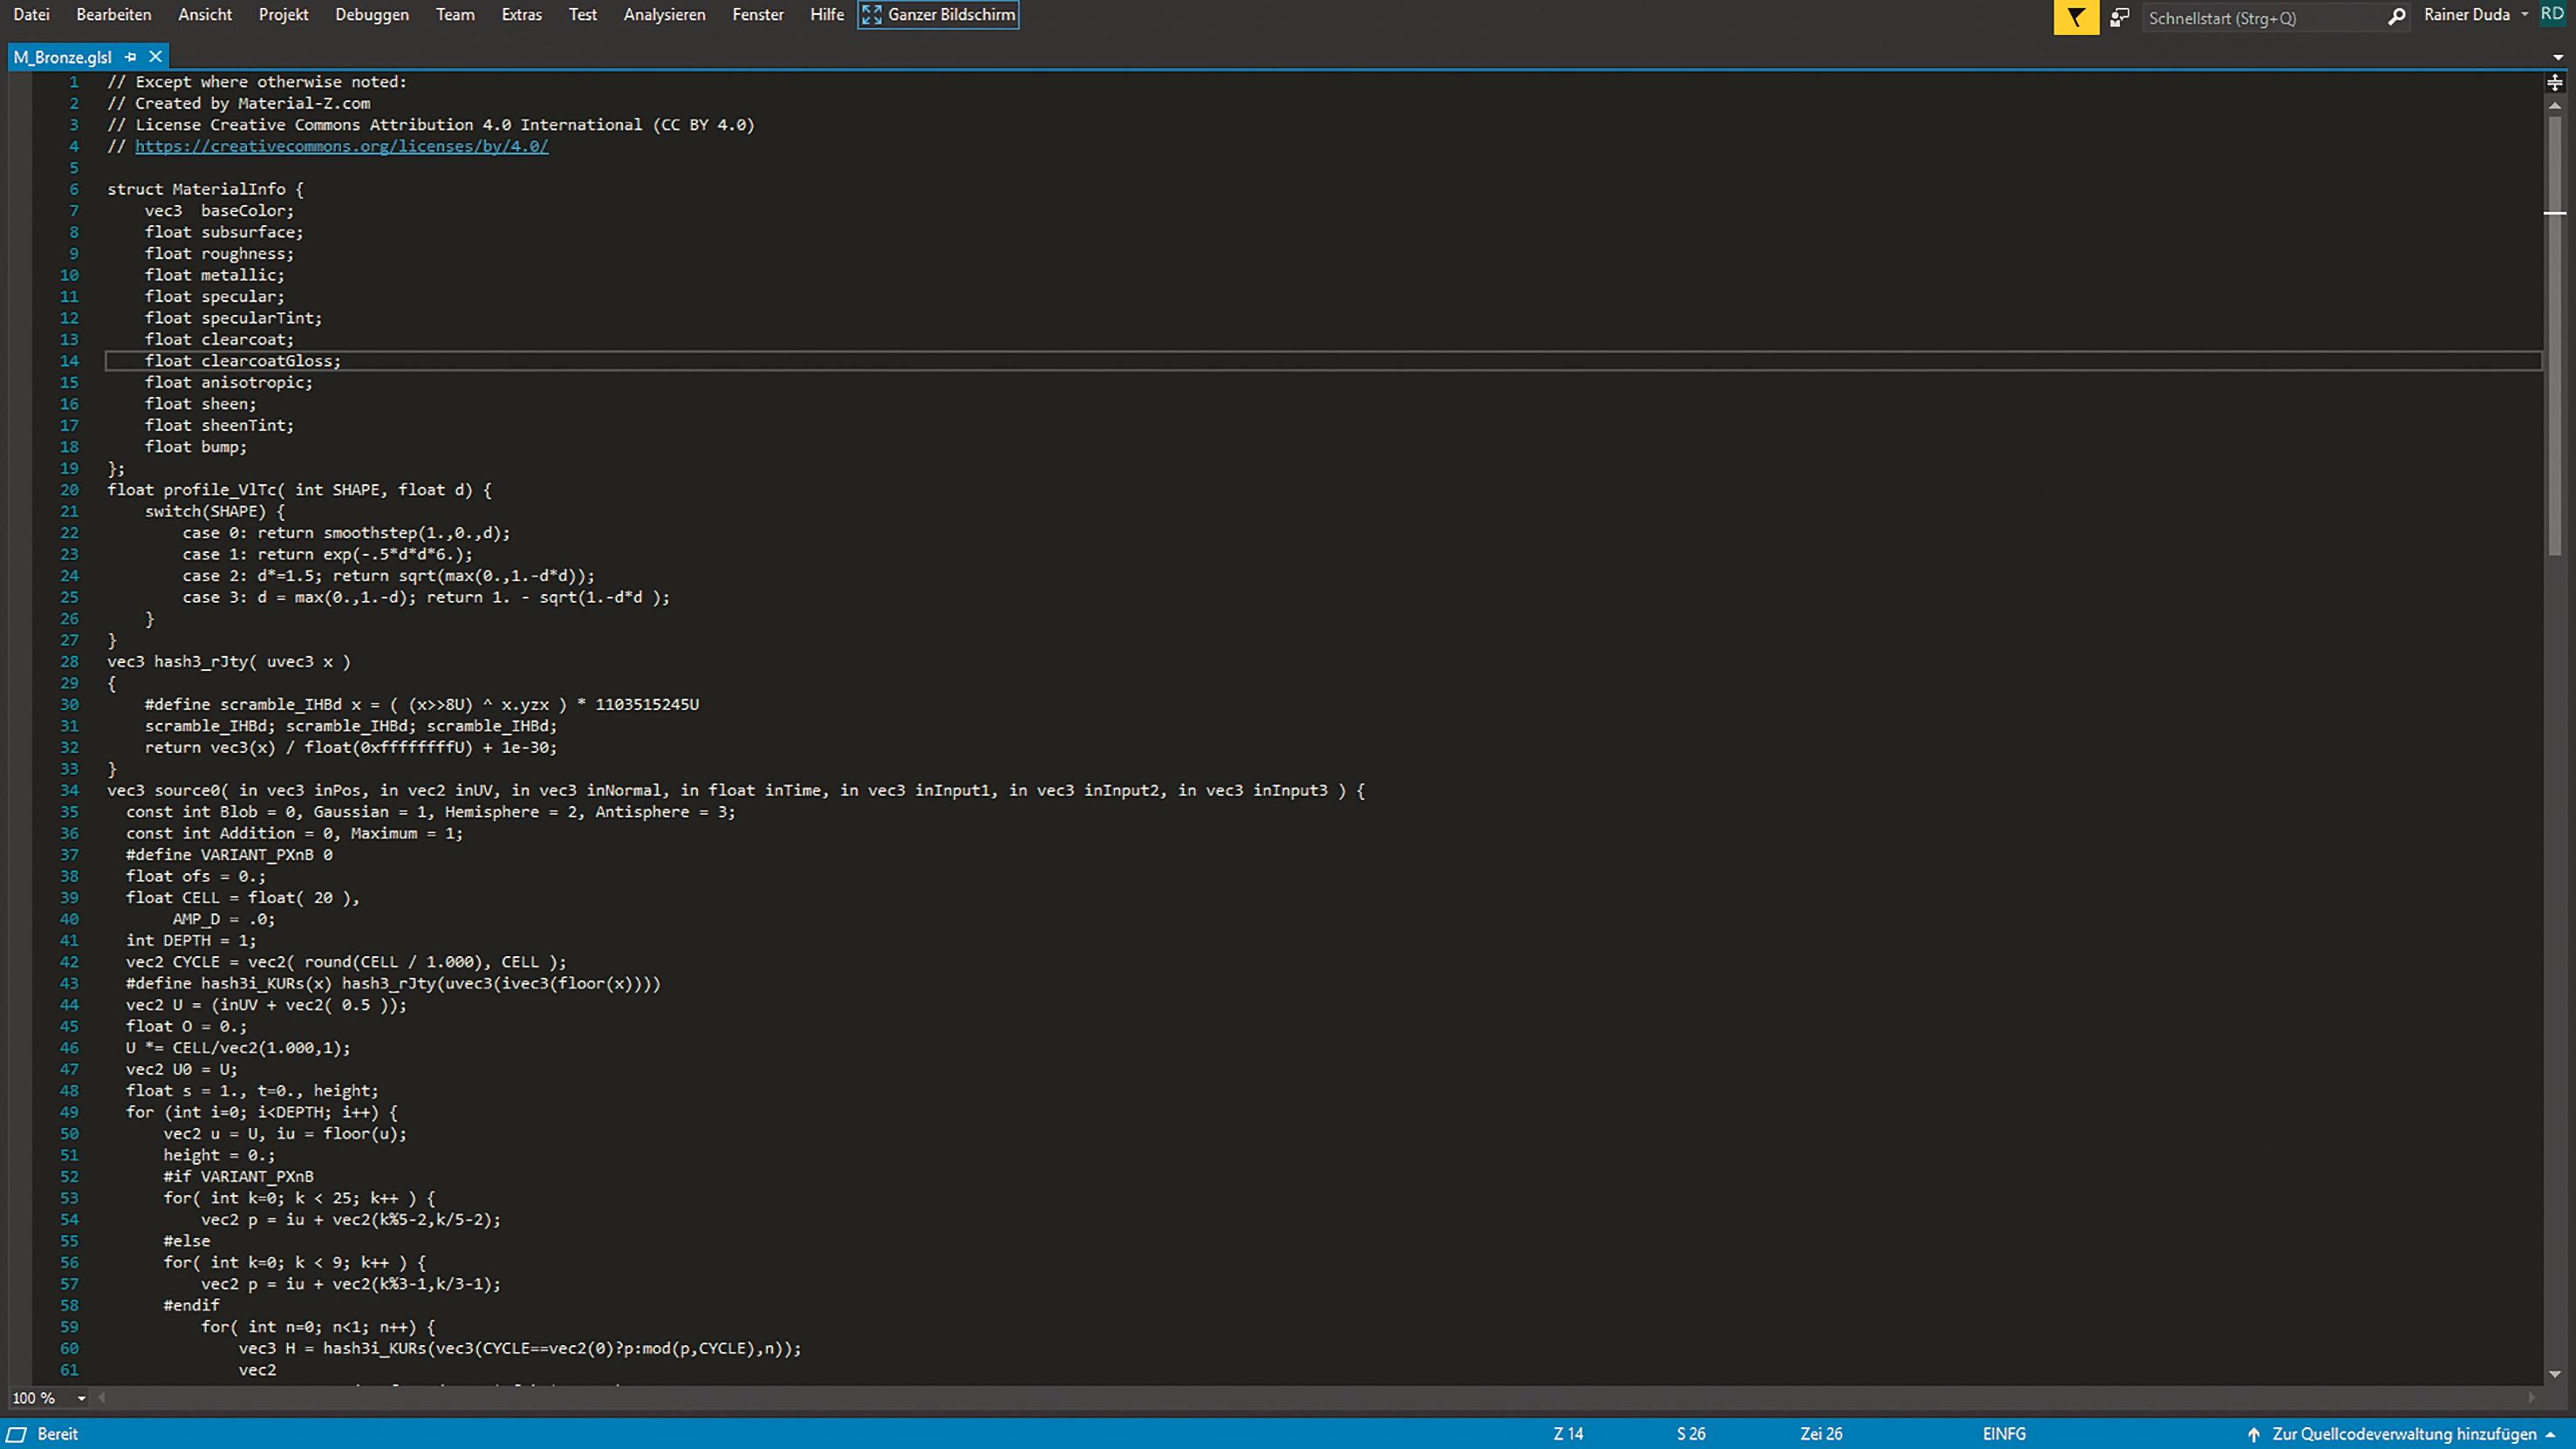 Der Code des bestehenden Materials basiert auf GLSL und kann somit portiert werden.